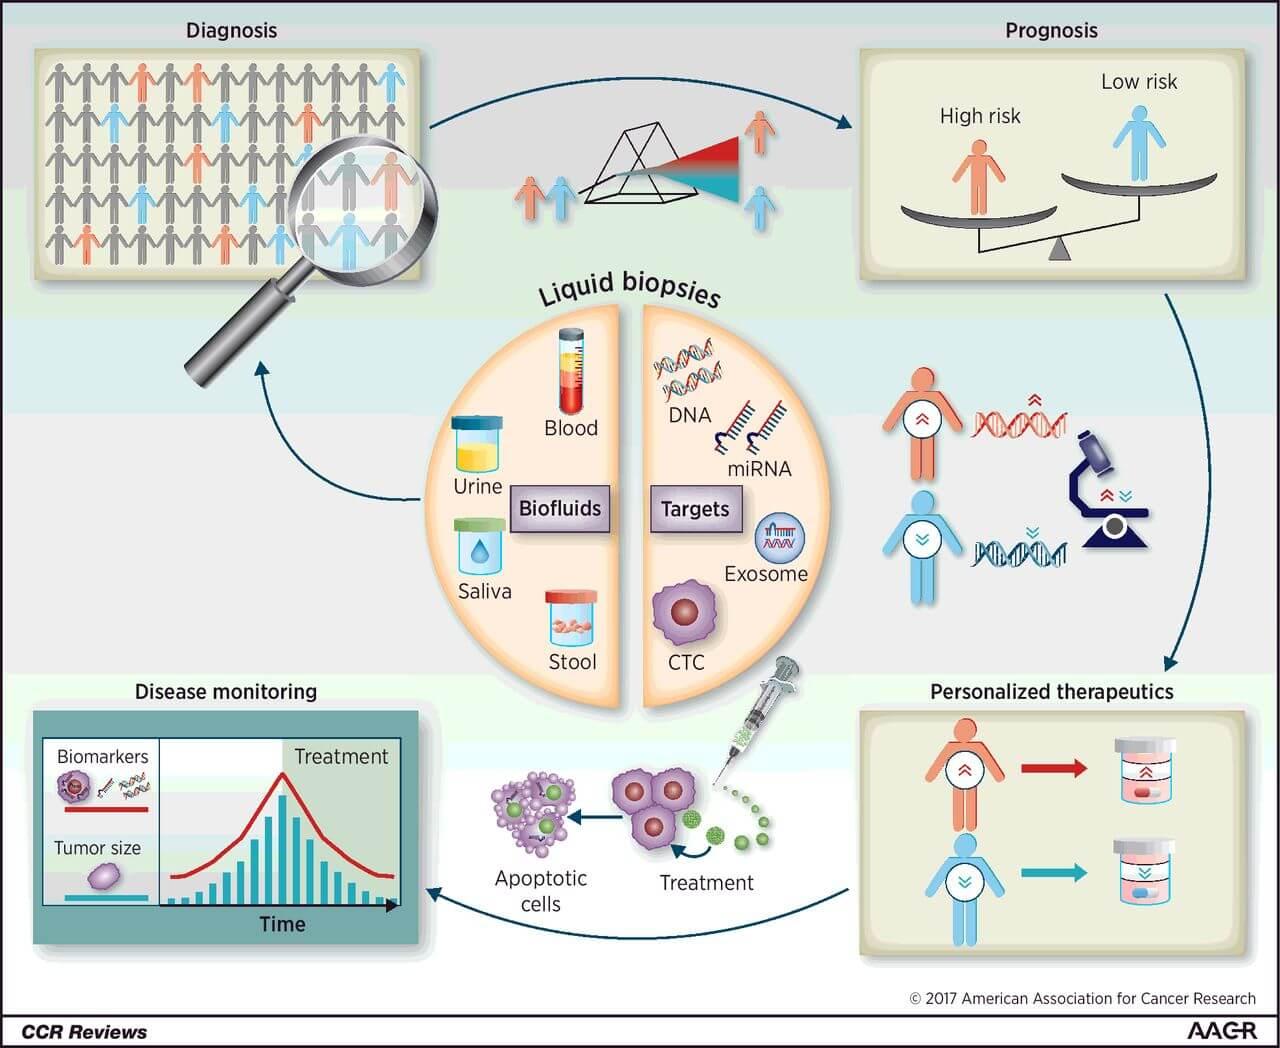 biopsie lichida diagnostic tratament personalizat